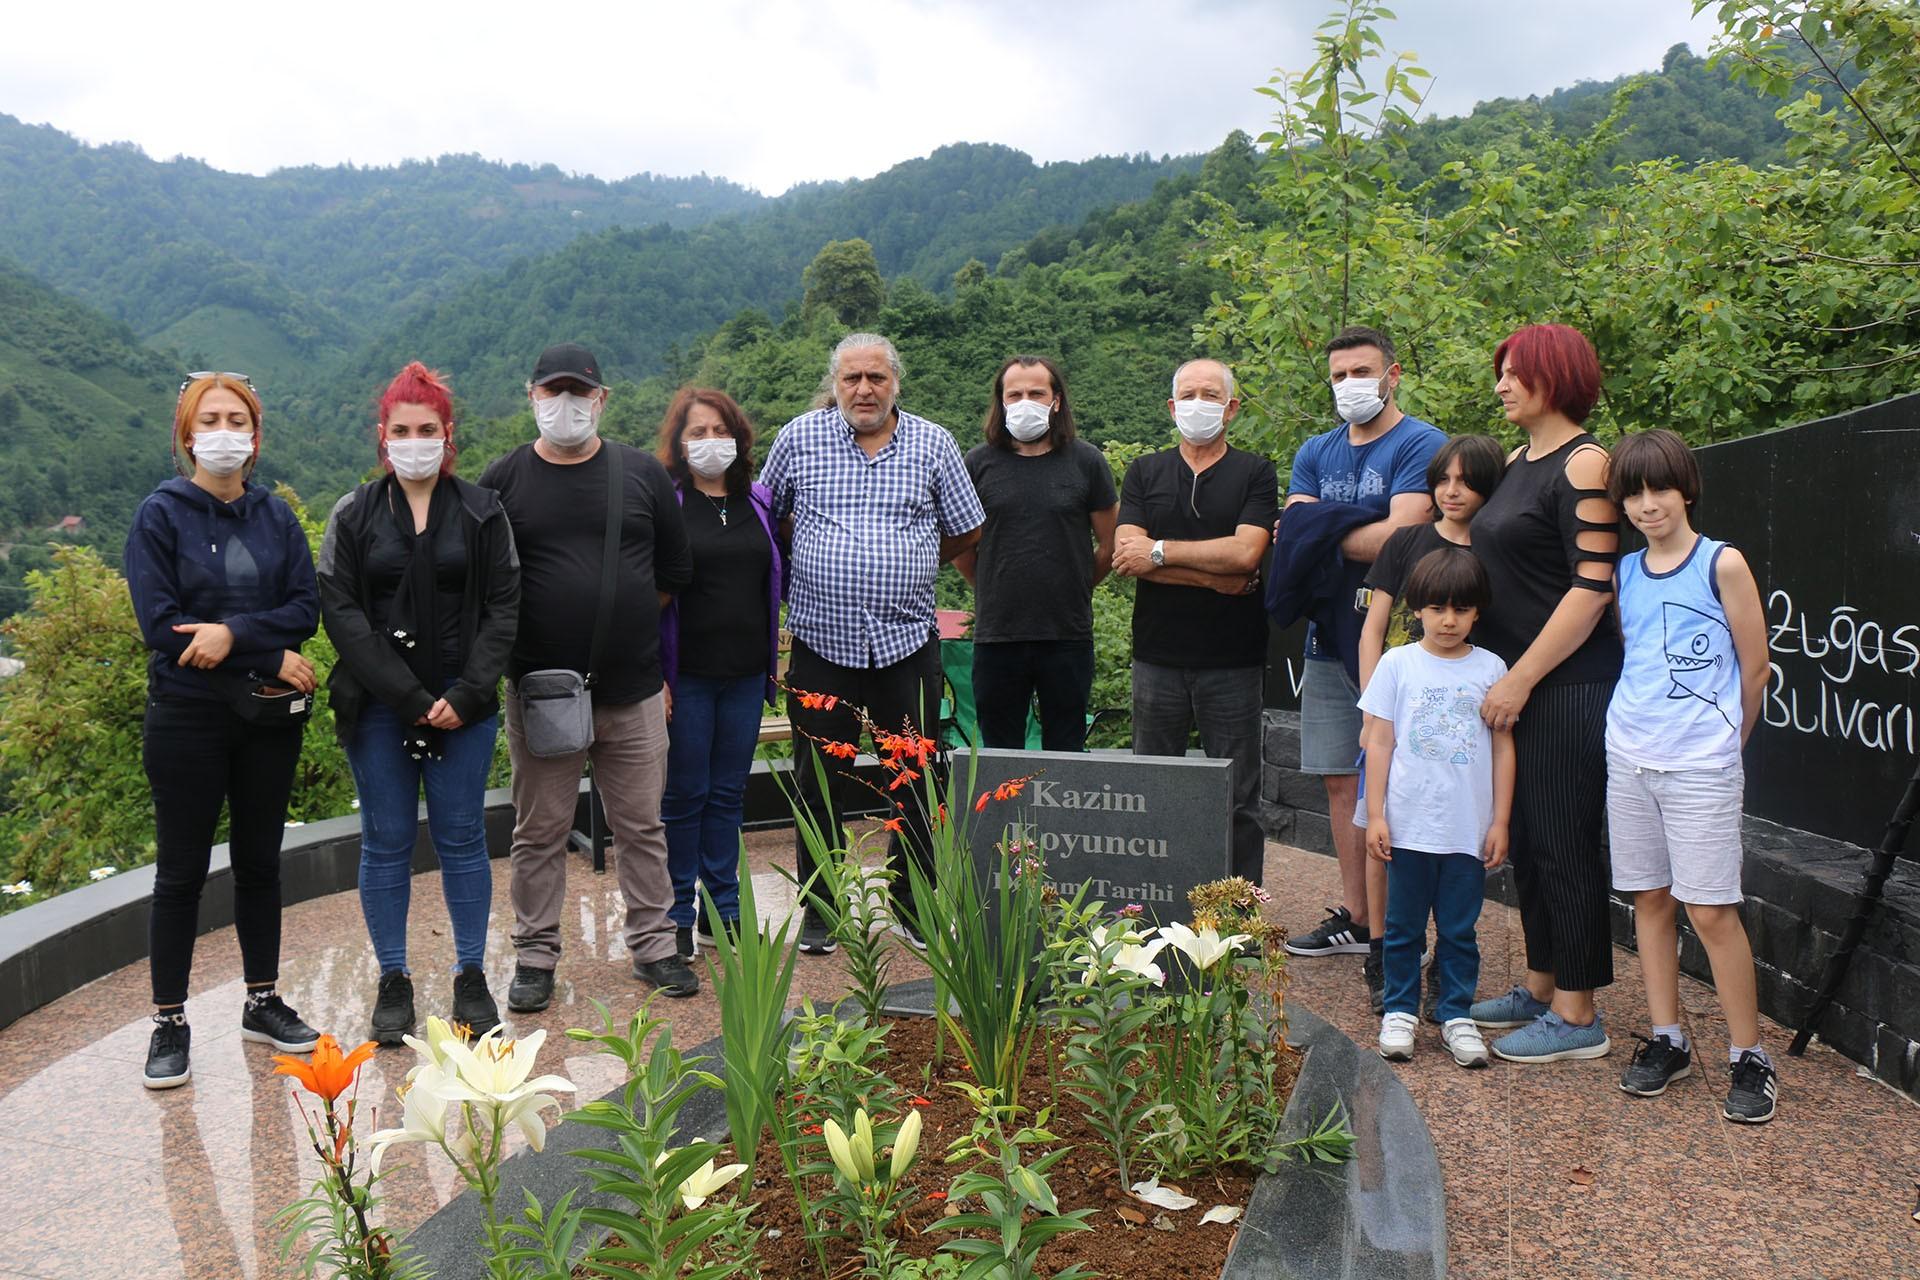 Kazım Koyuncu'nun mezarı başında dostları tarafından anıldı